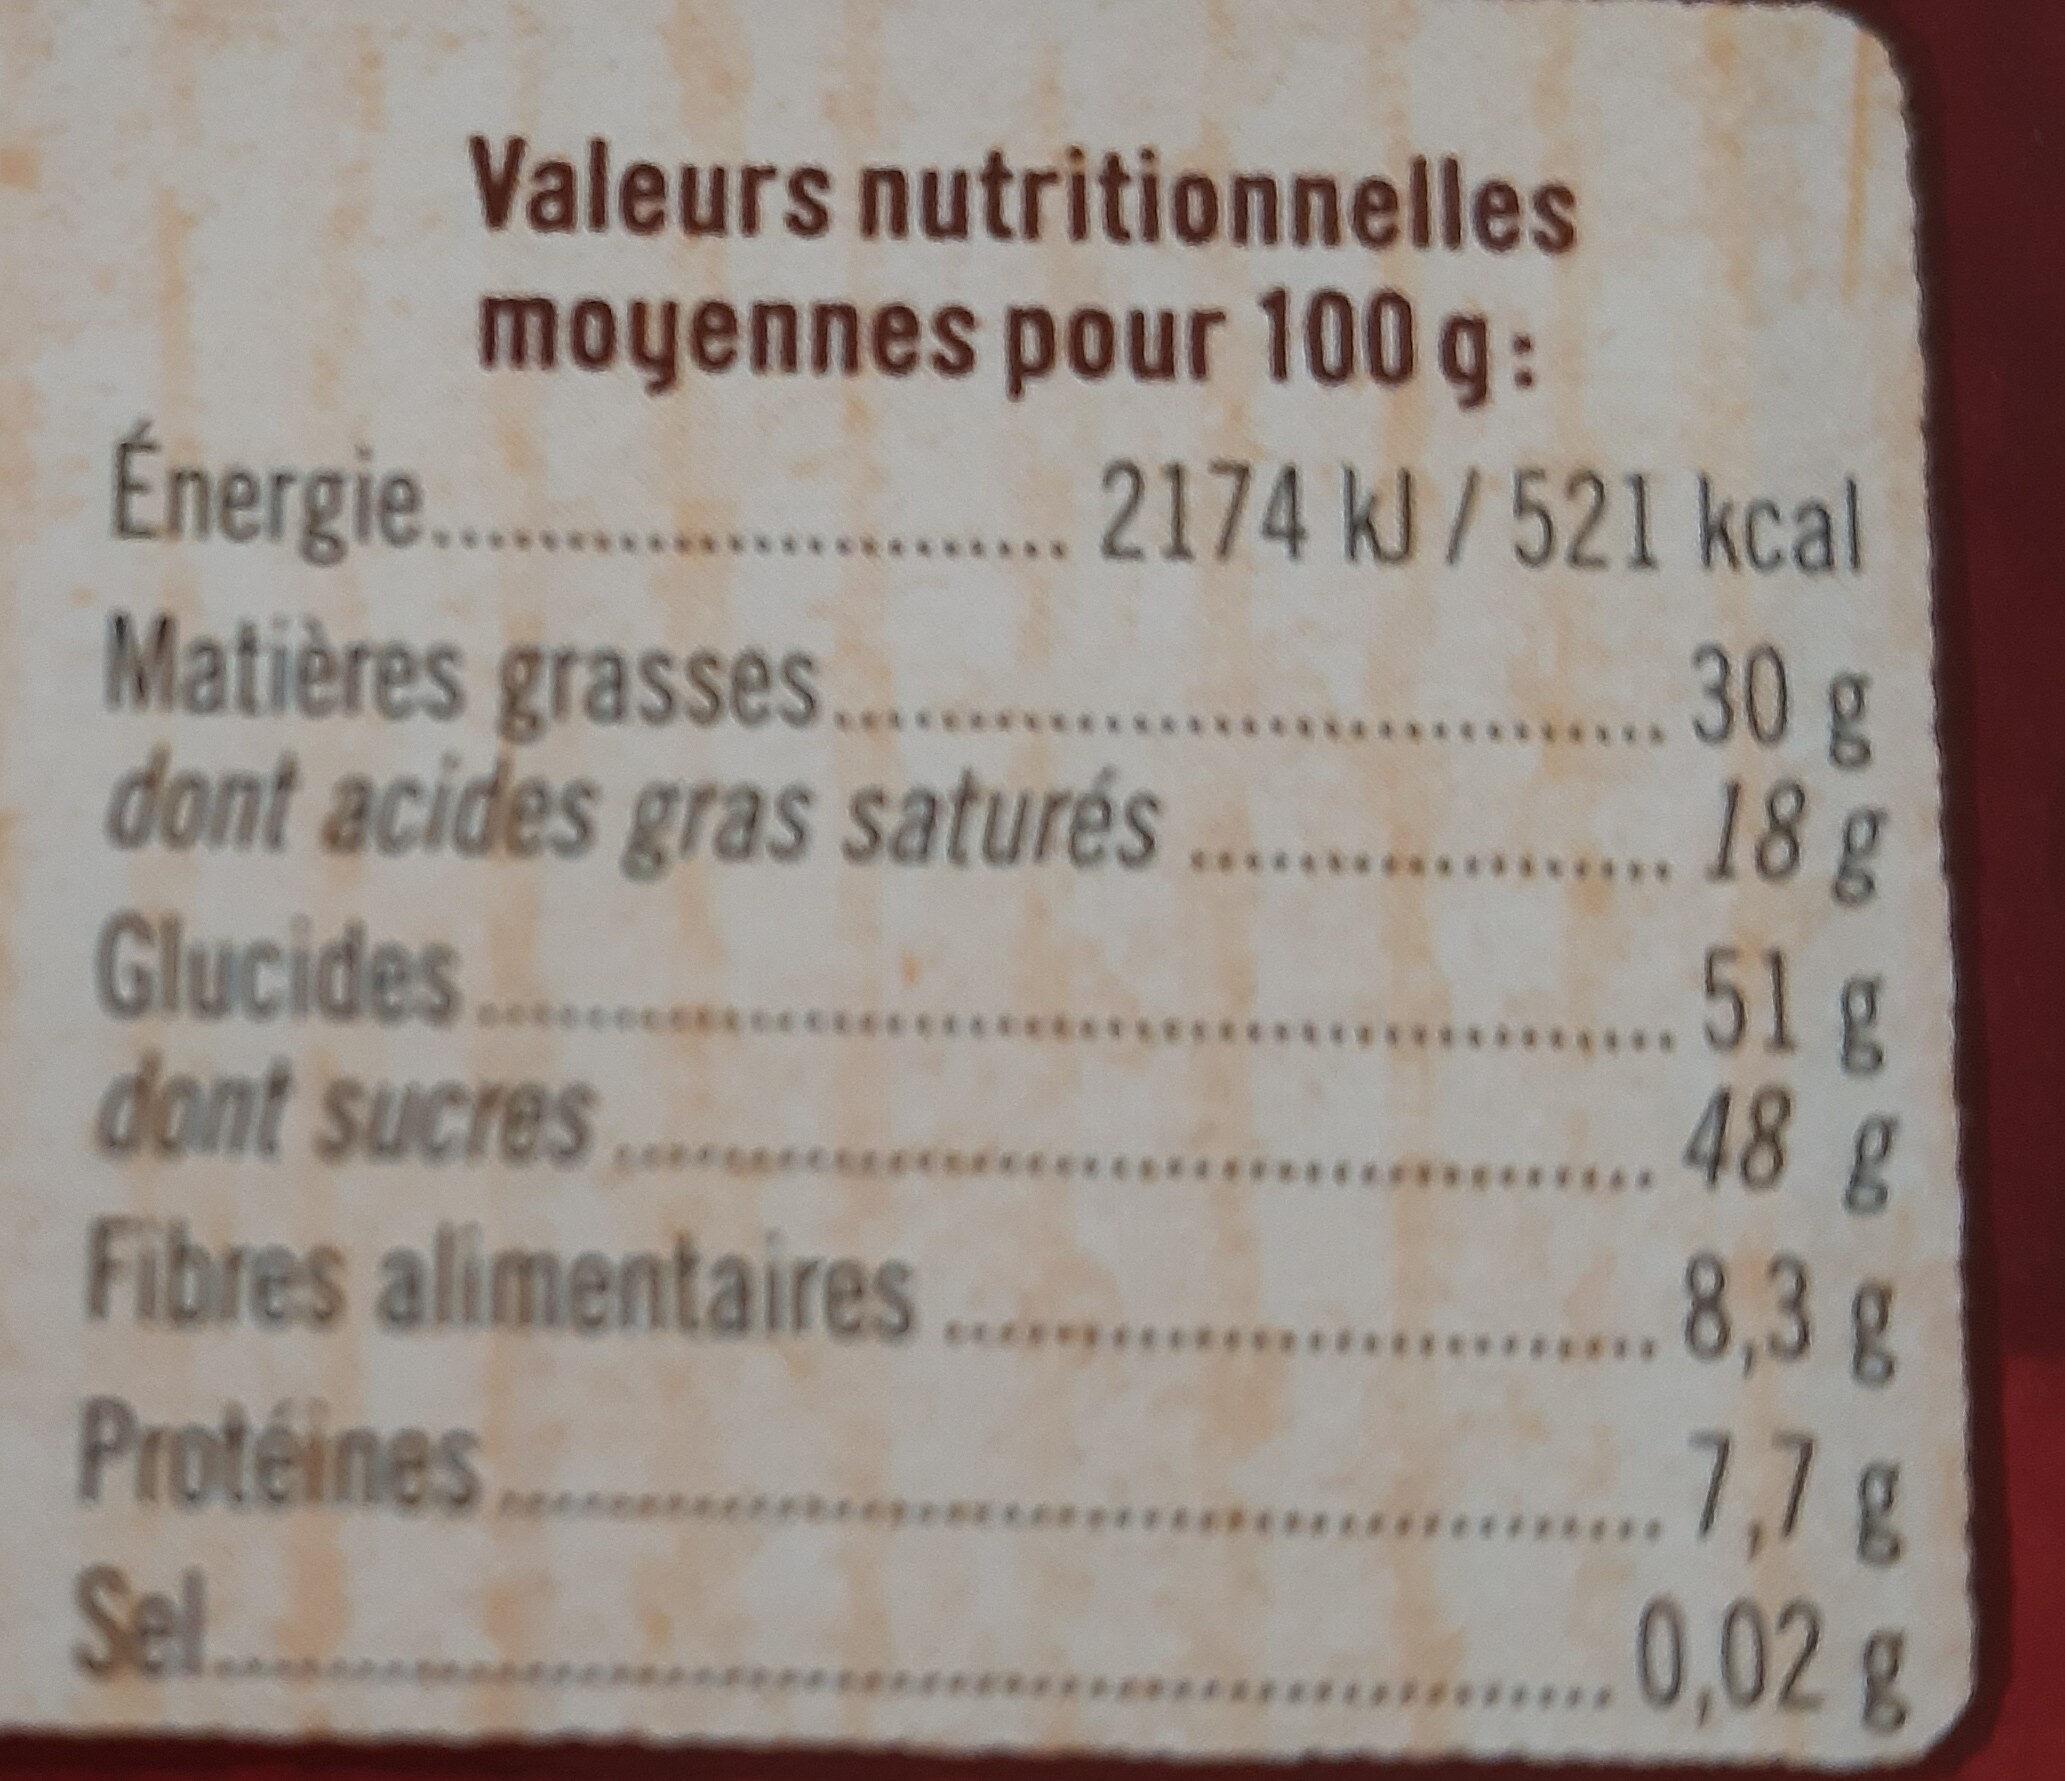 tablette de Chocolat à patisser - Informations nutritionnelles - fr